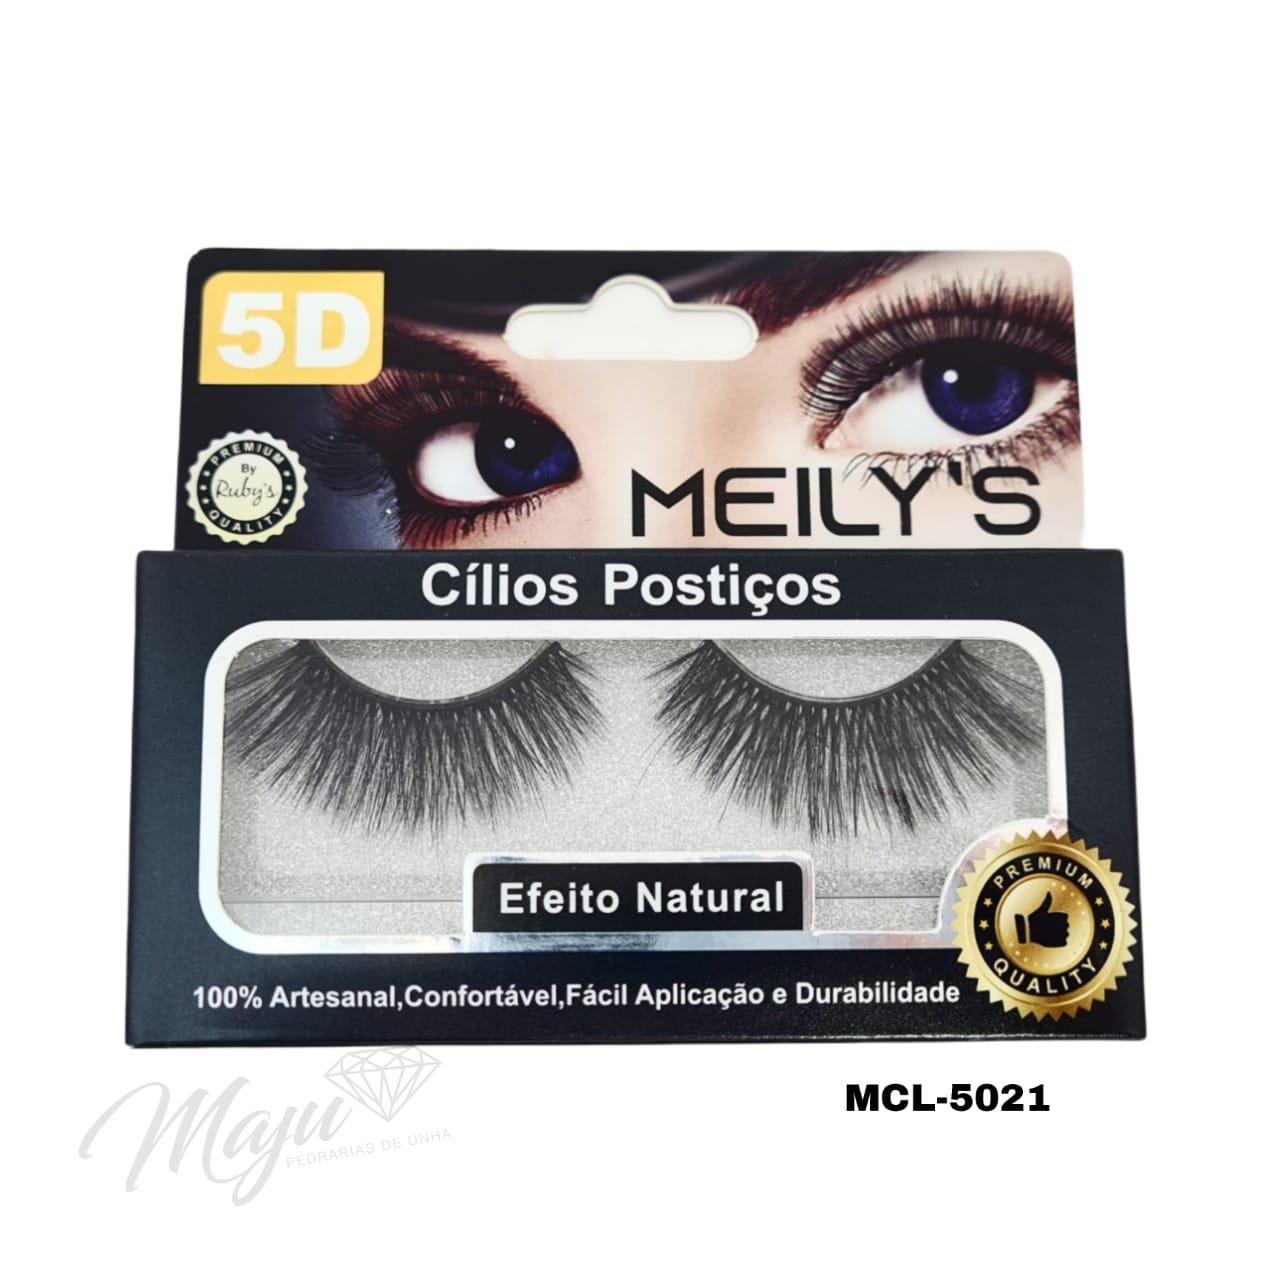 CILIO POSTIÇO PAR MEILYS MCL-5021